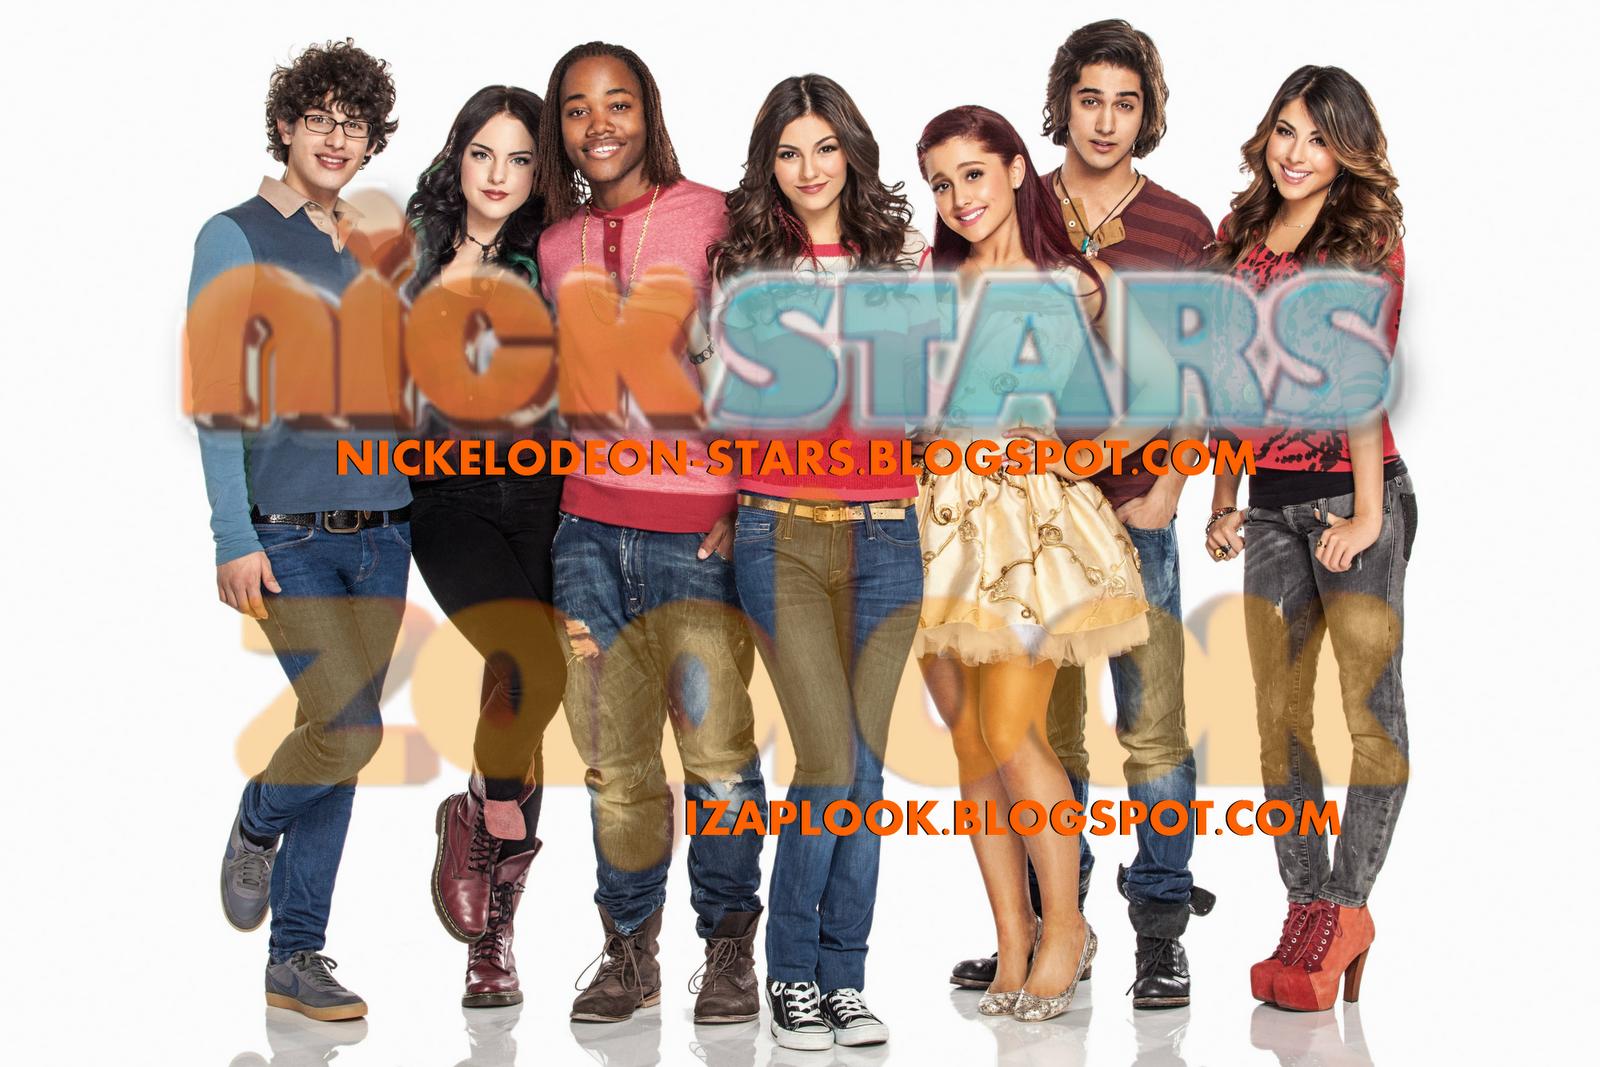 Nick Stars  amp  Zaplook te traen en Exclusiva 3 nuevos Promoshoots de    Zaplook